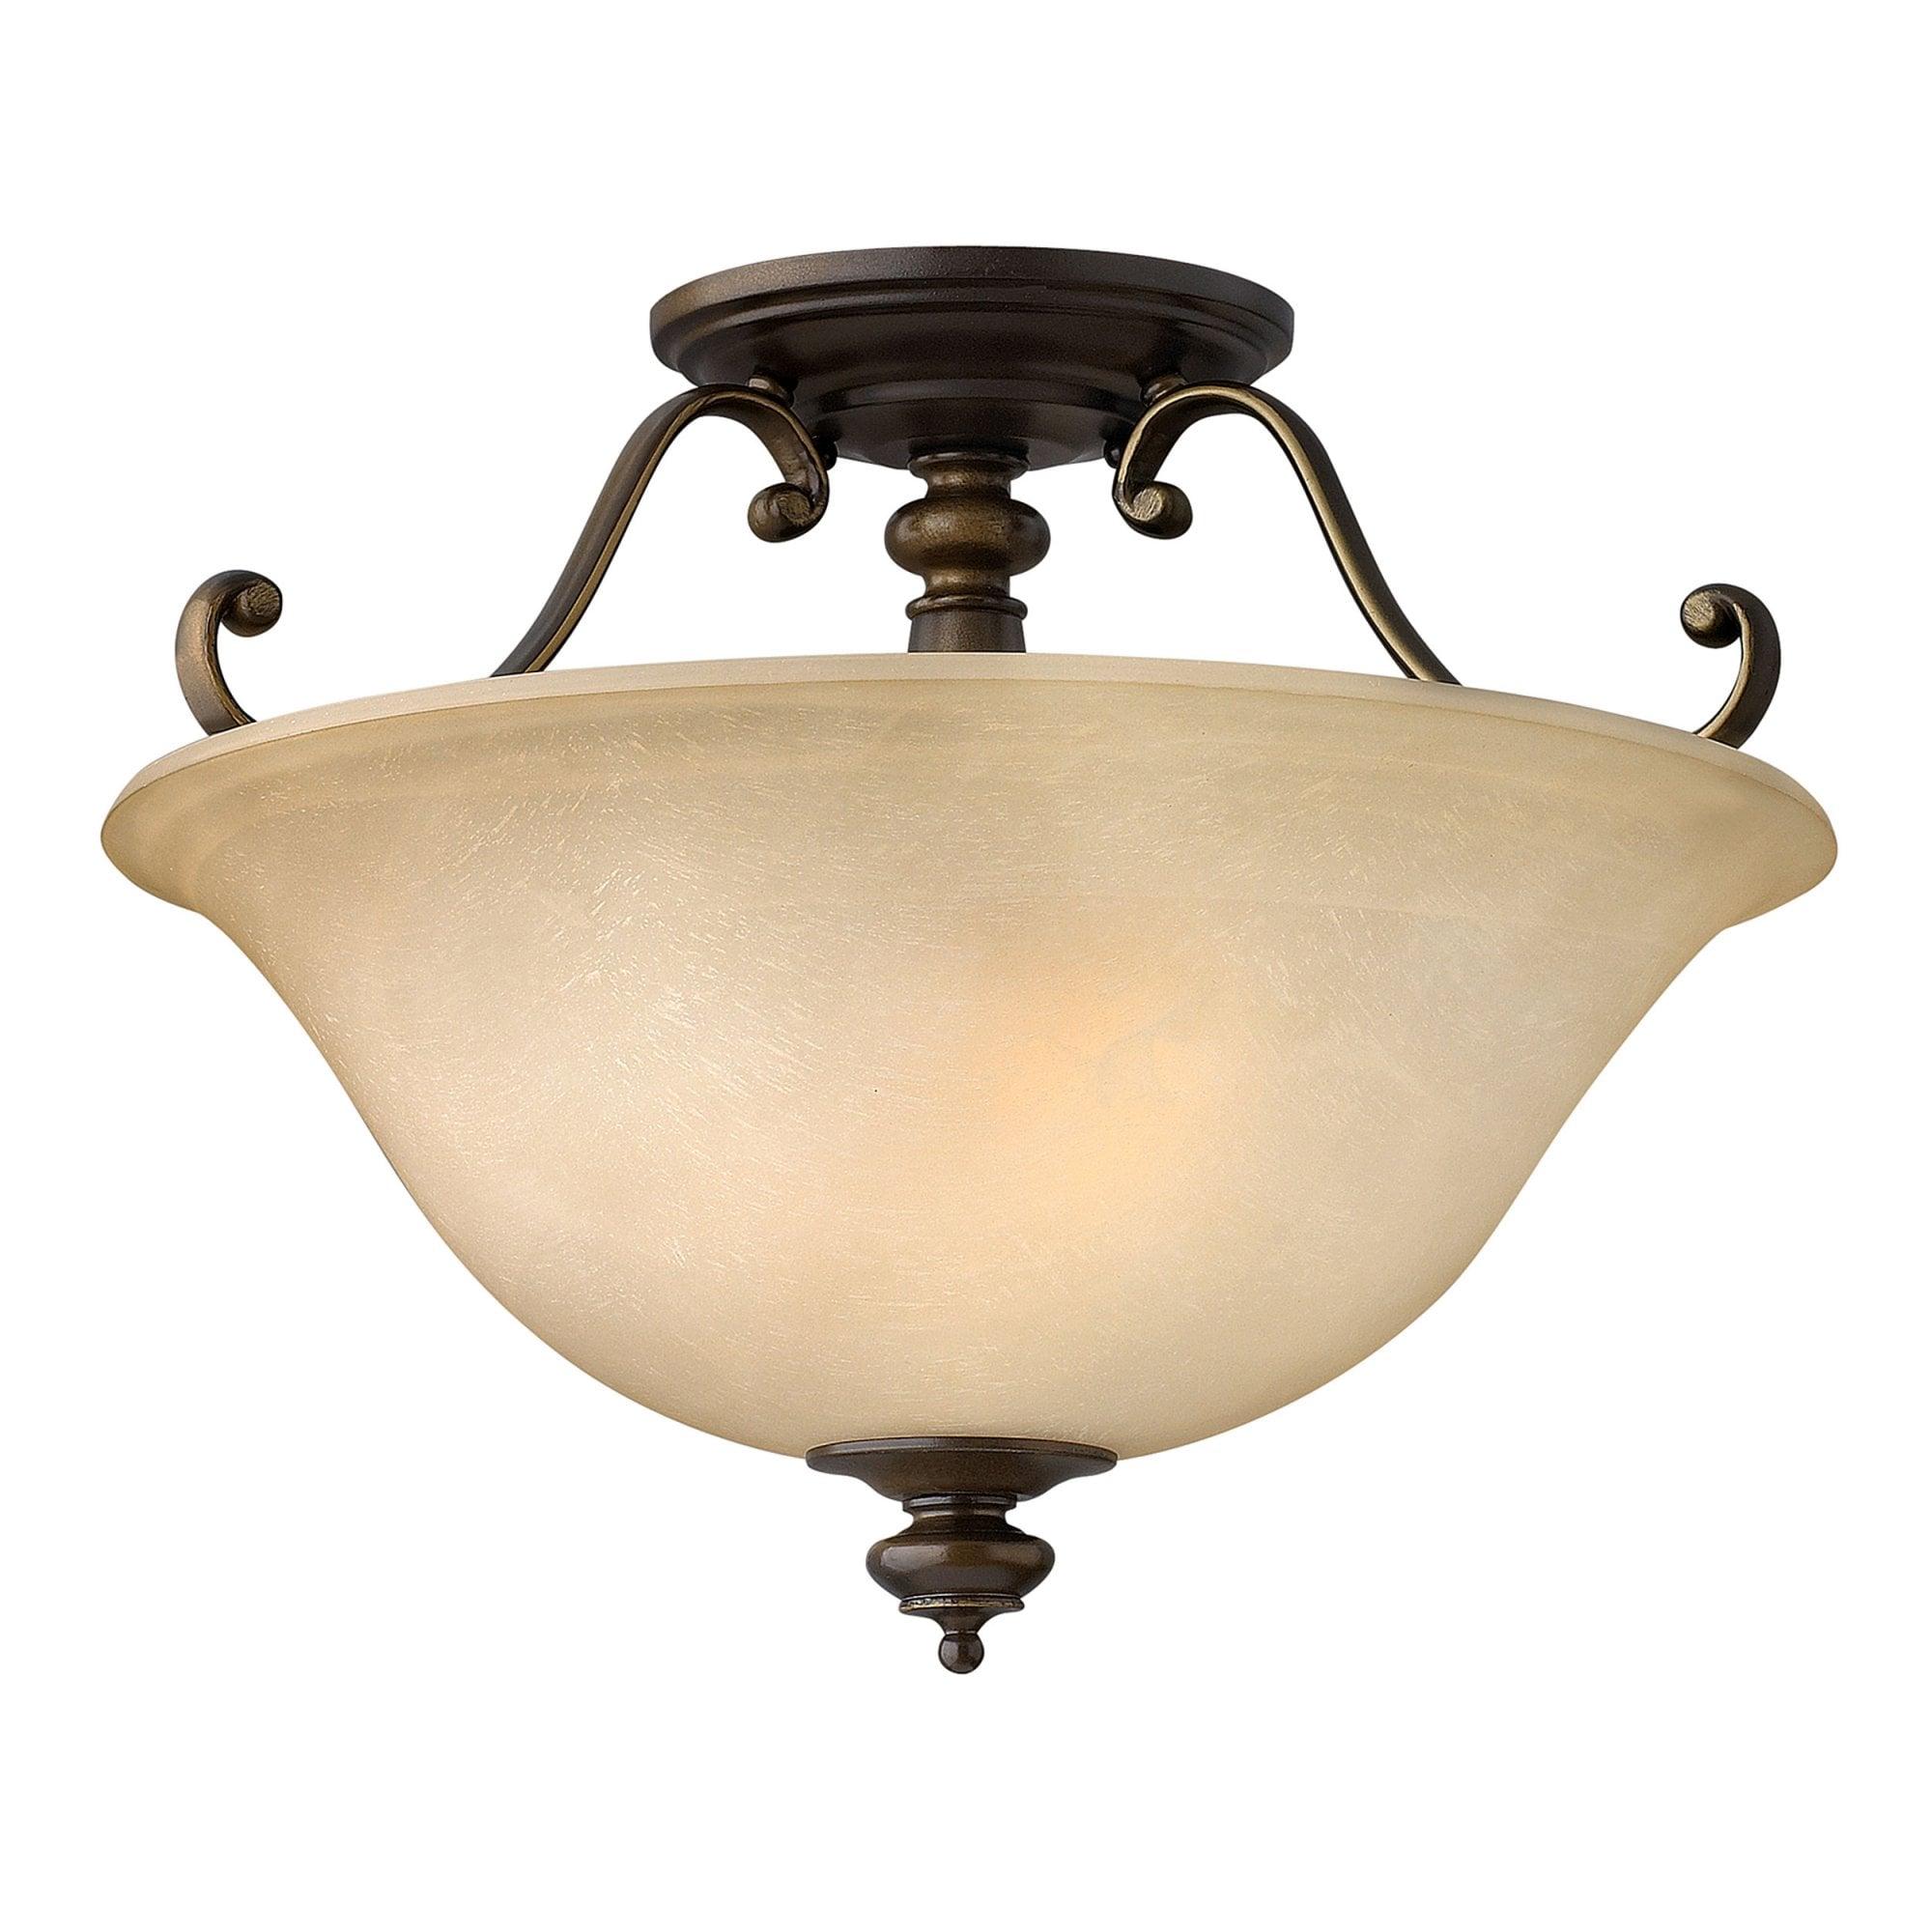 hinkley lighting dunhill semi flush ceiling light in royal bronze